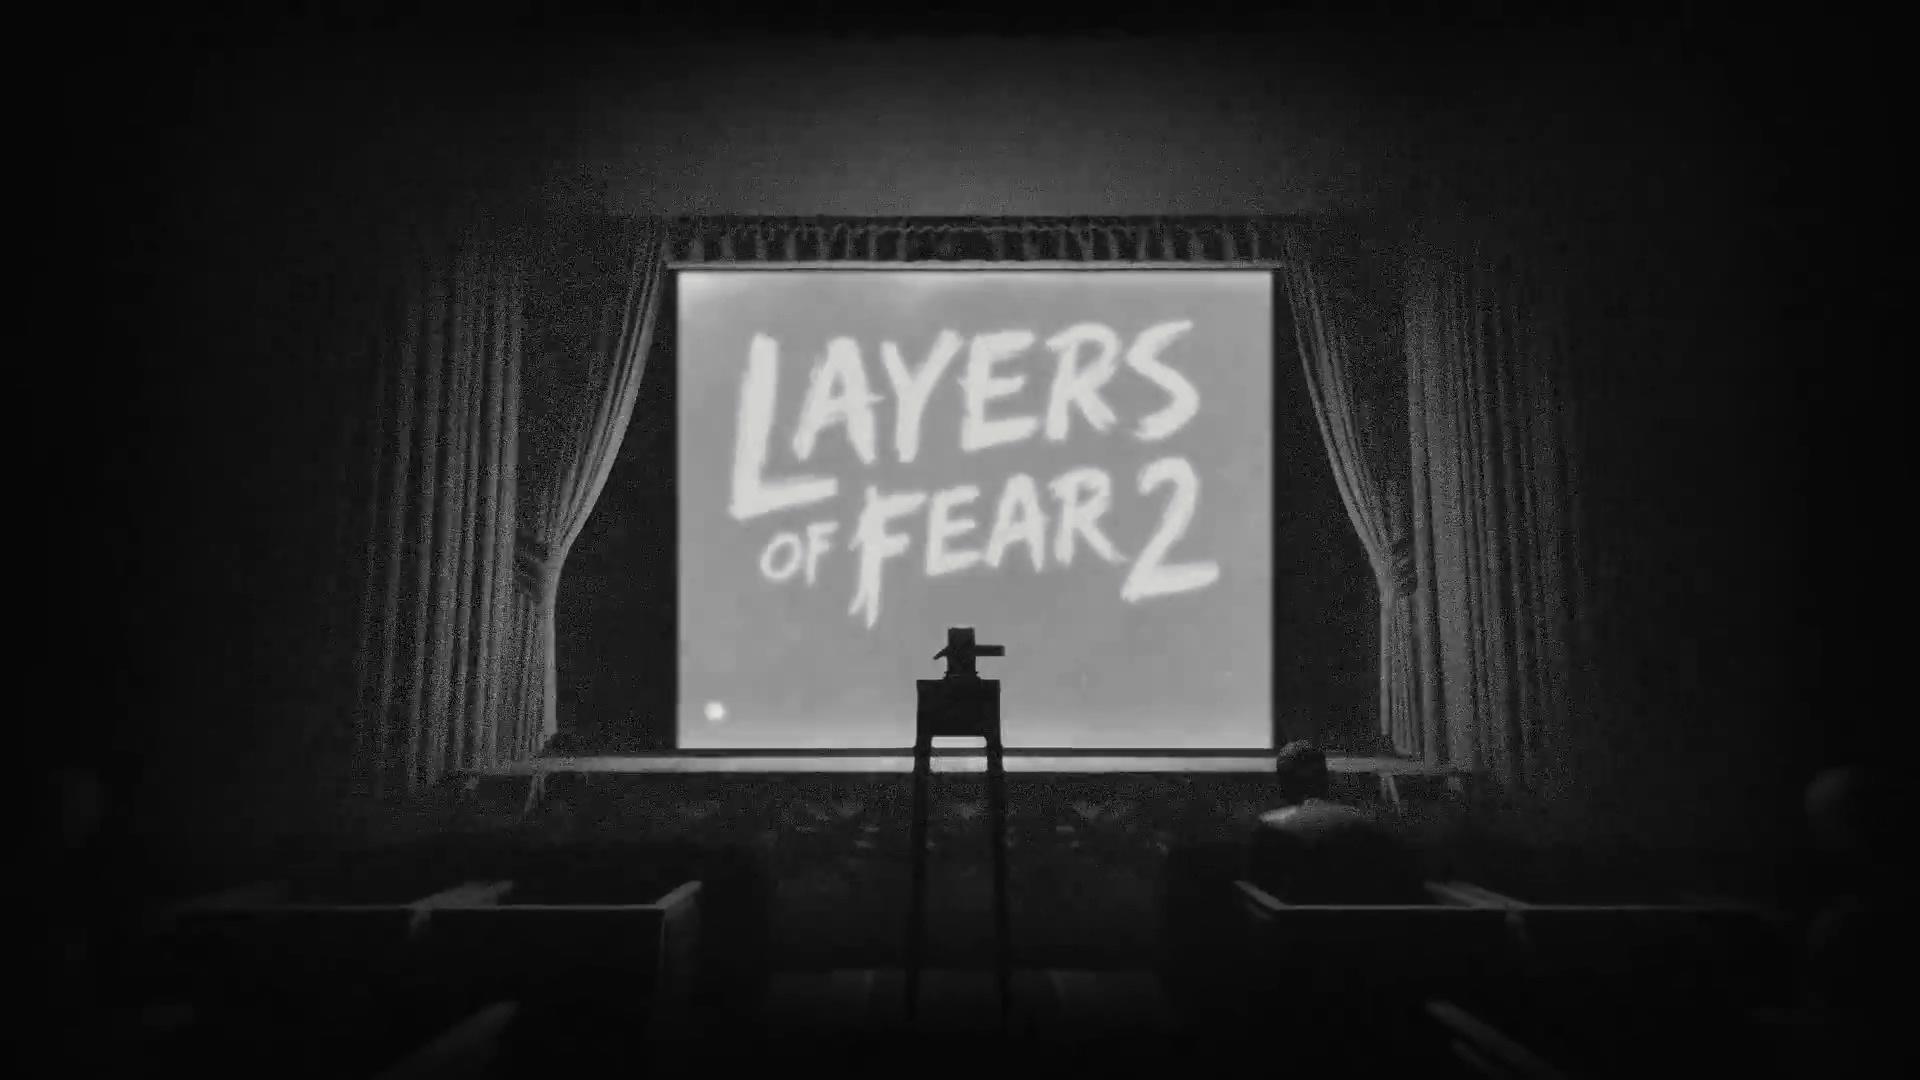 默片結束,正片開始。《層層恐懼 2》正式公佈